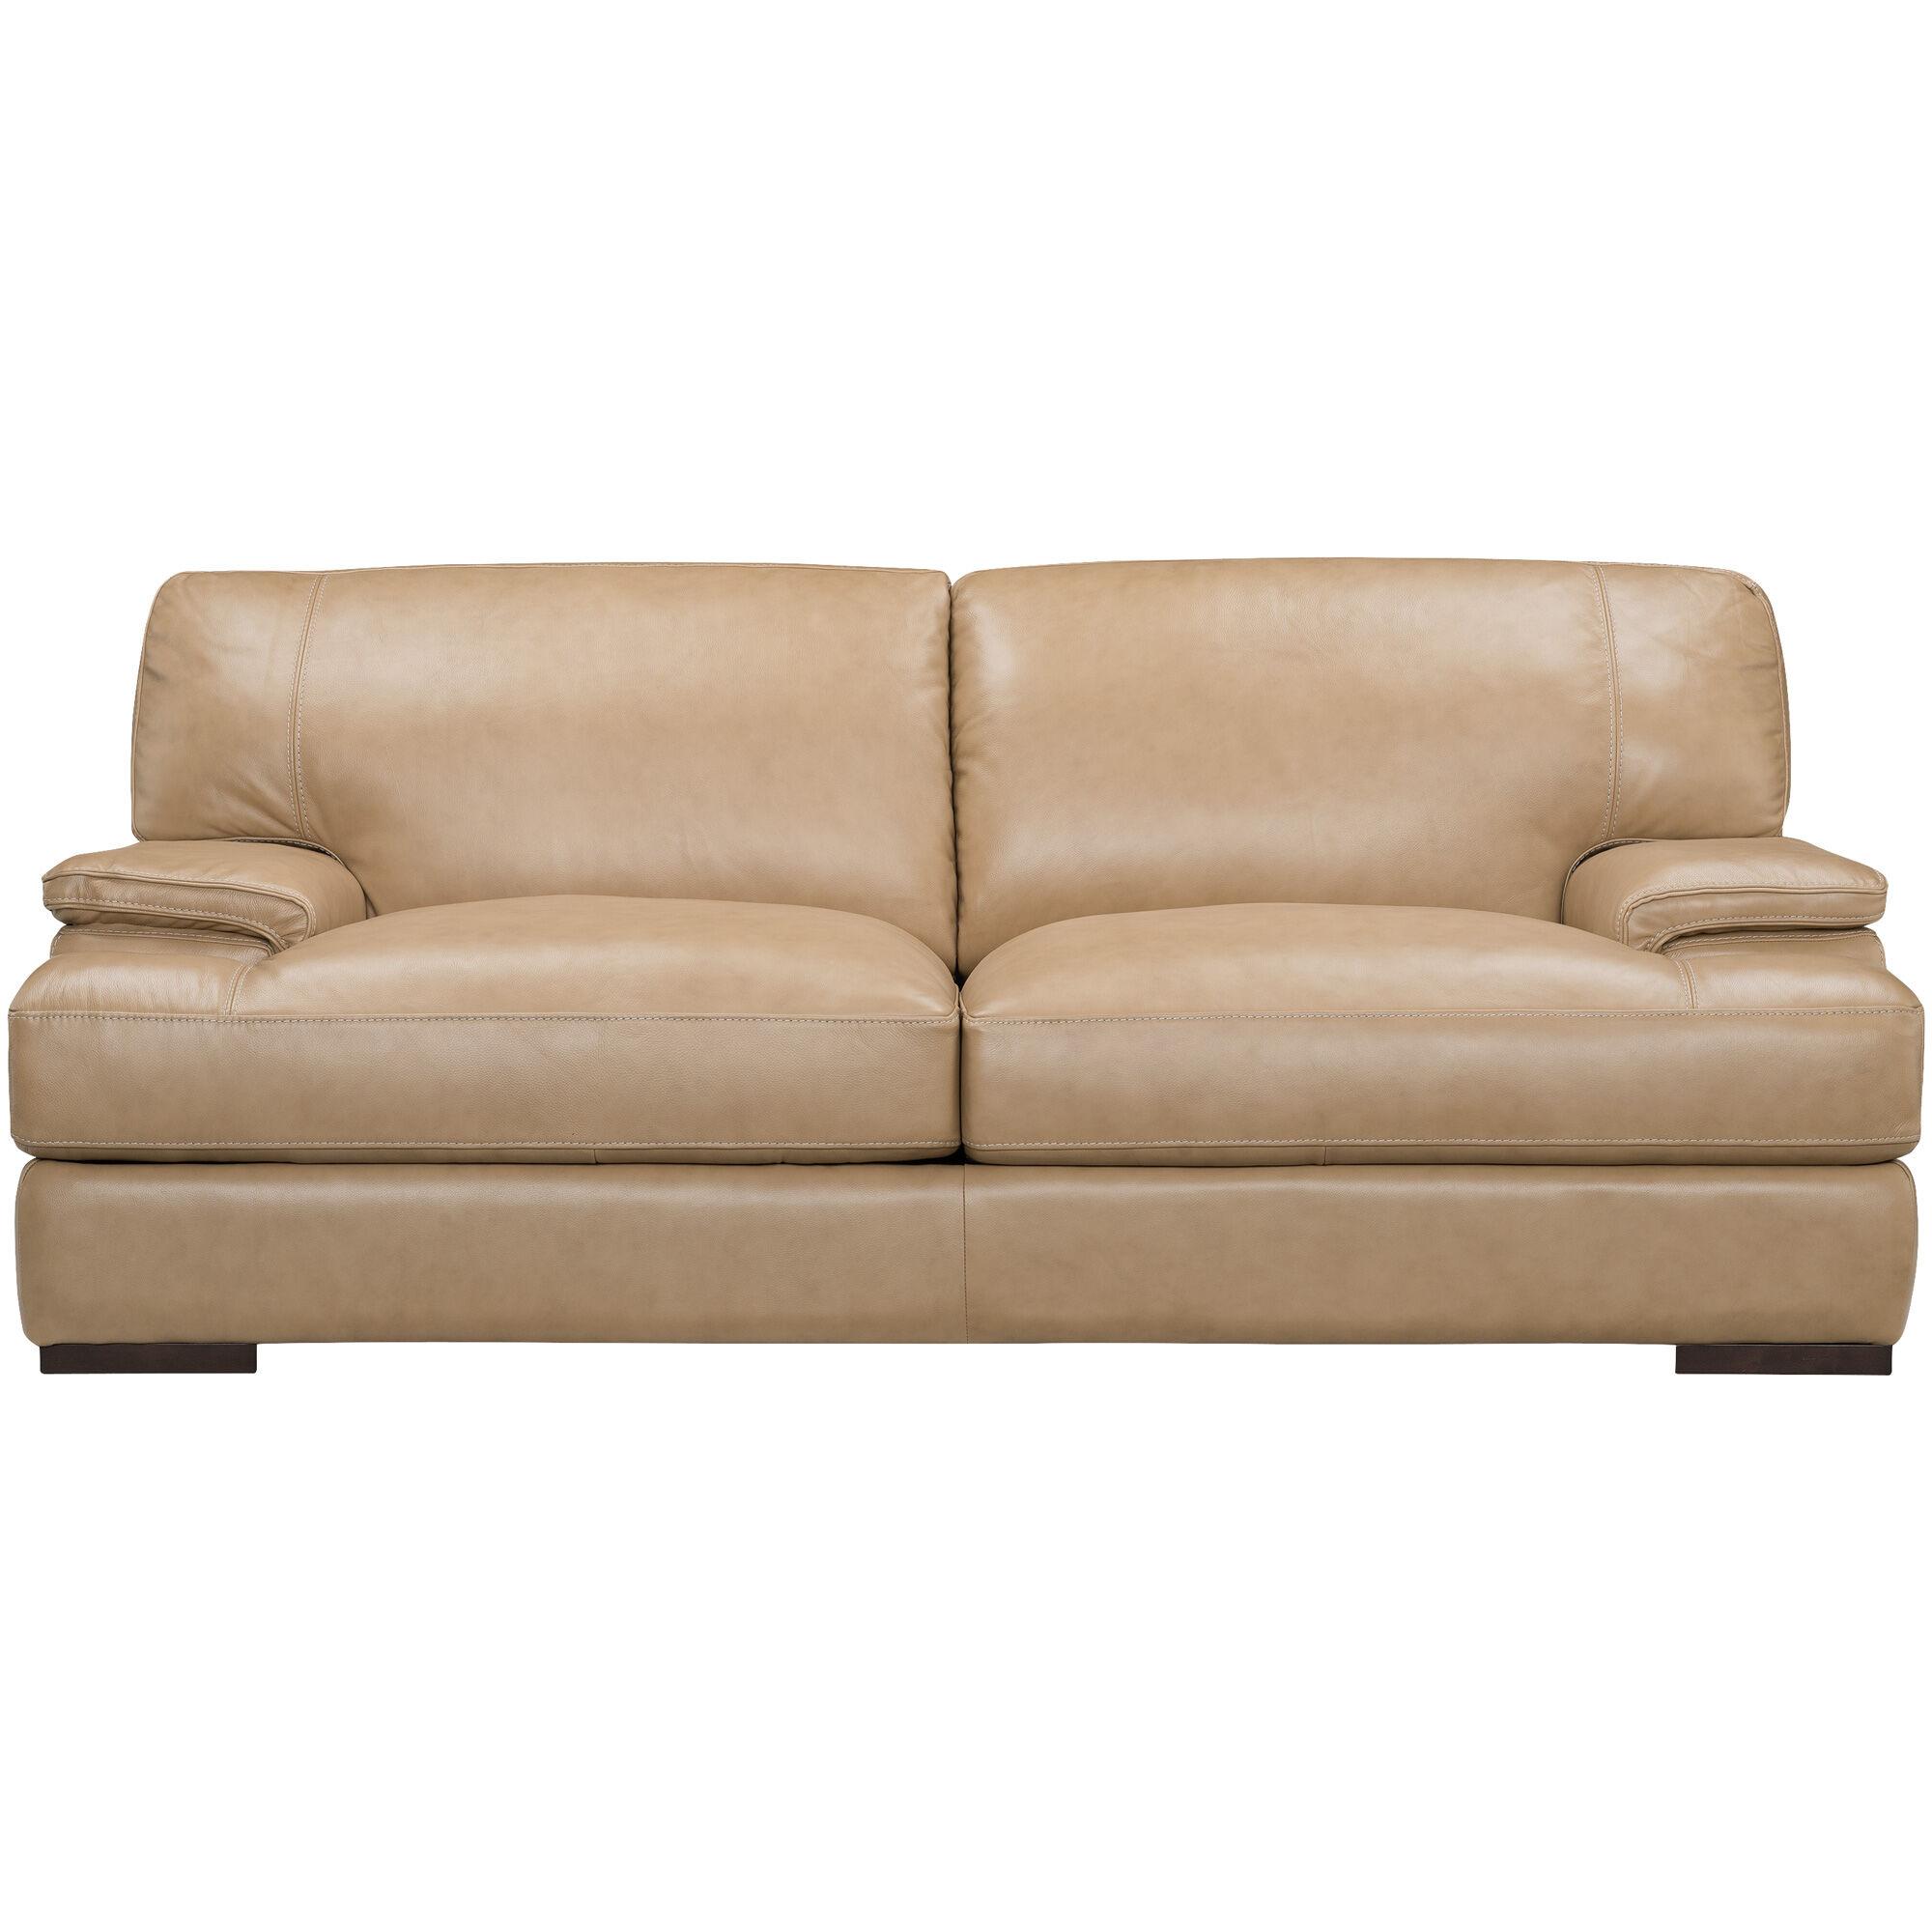 slumberland sofa recliners pipe diy com furniture